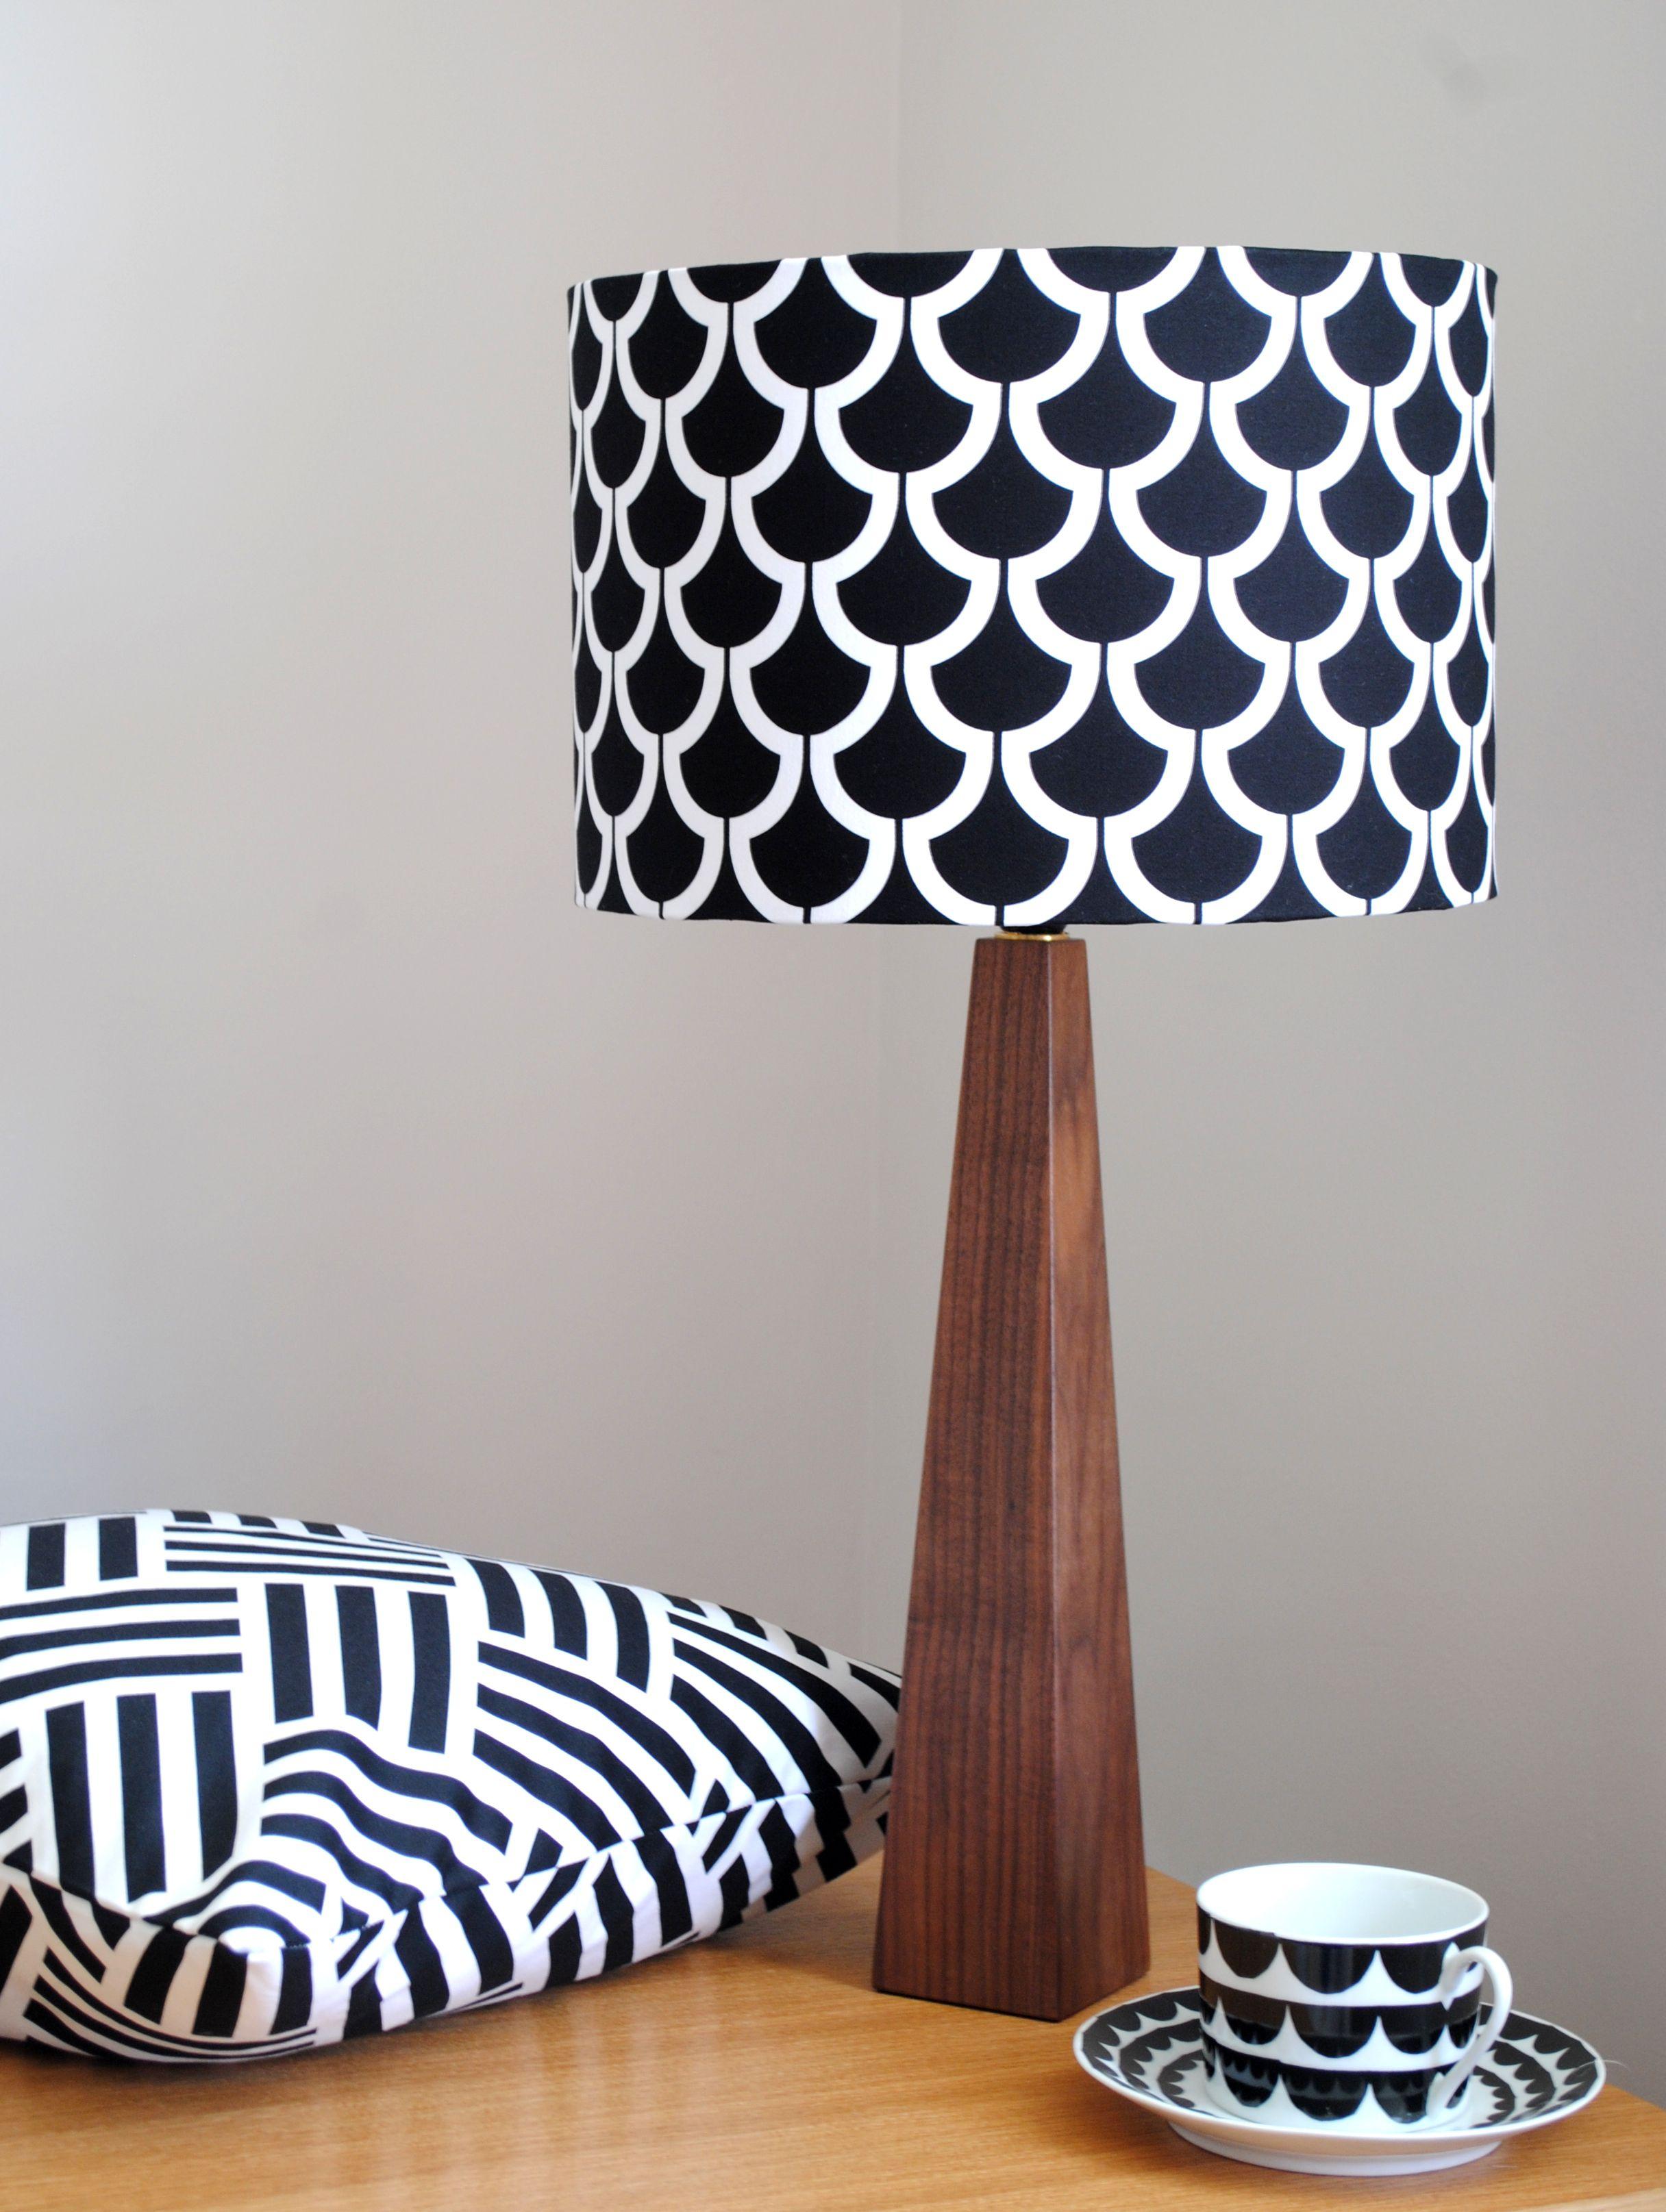 New Hard Wood Lamp Bases And Lampshades Unusual Table Lamps Wooden Lamp Base Table Lamp